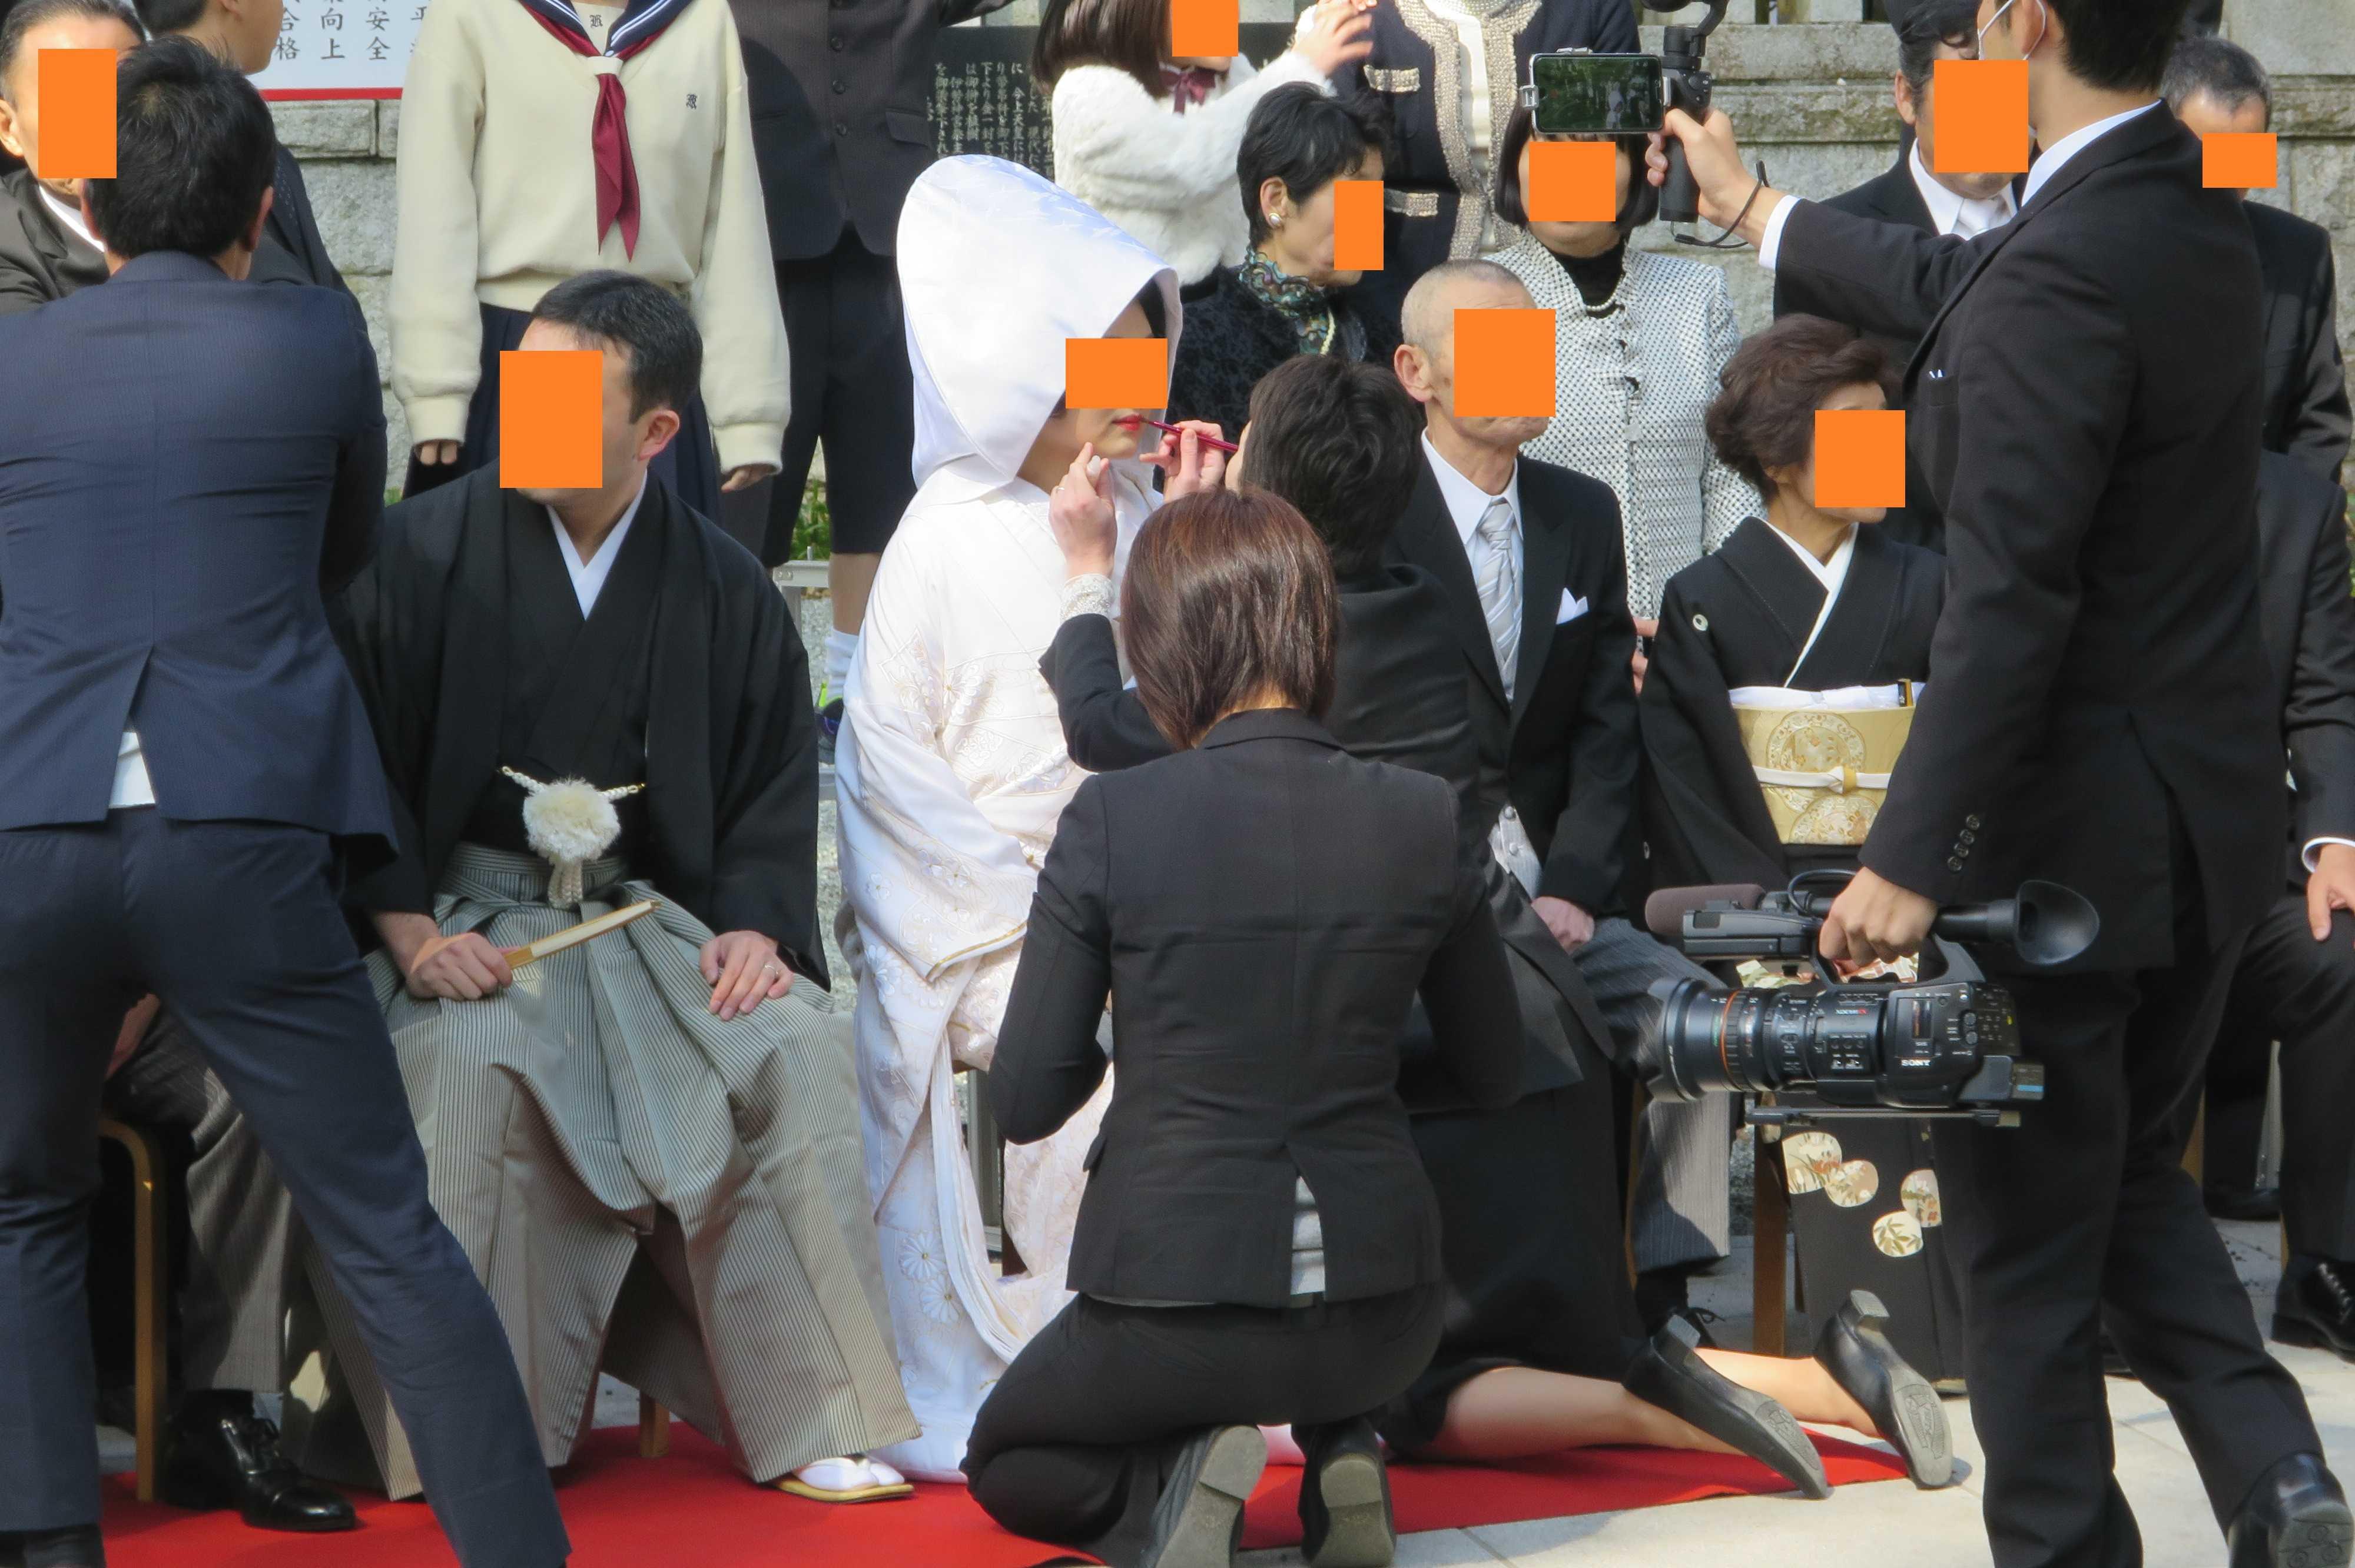 来宮神社 - 紅を差される白無垢の花嫁さん